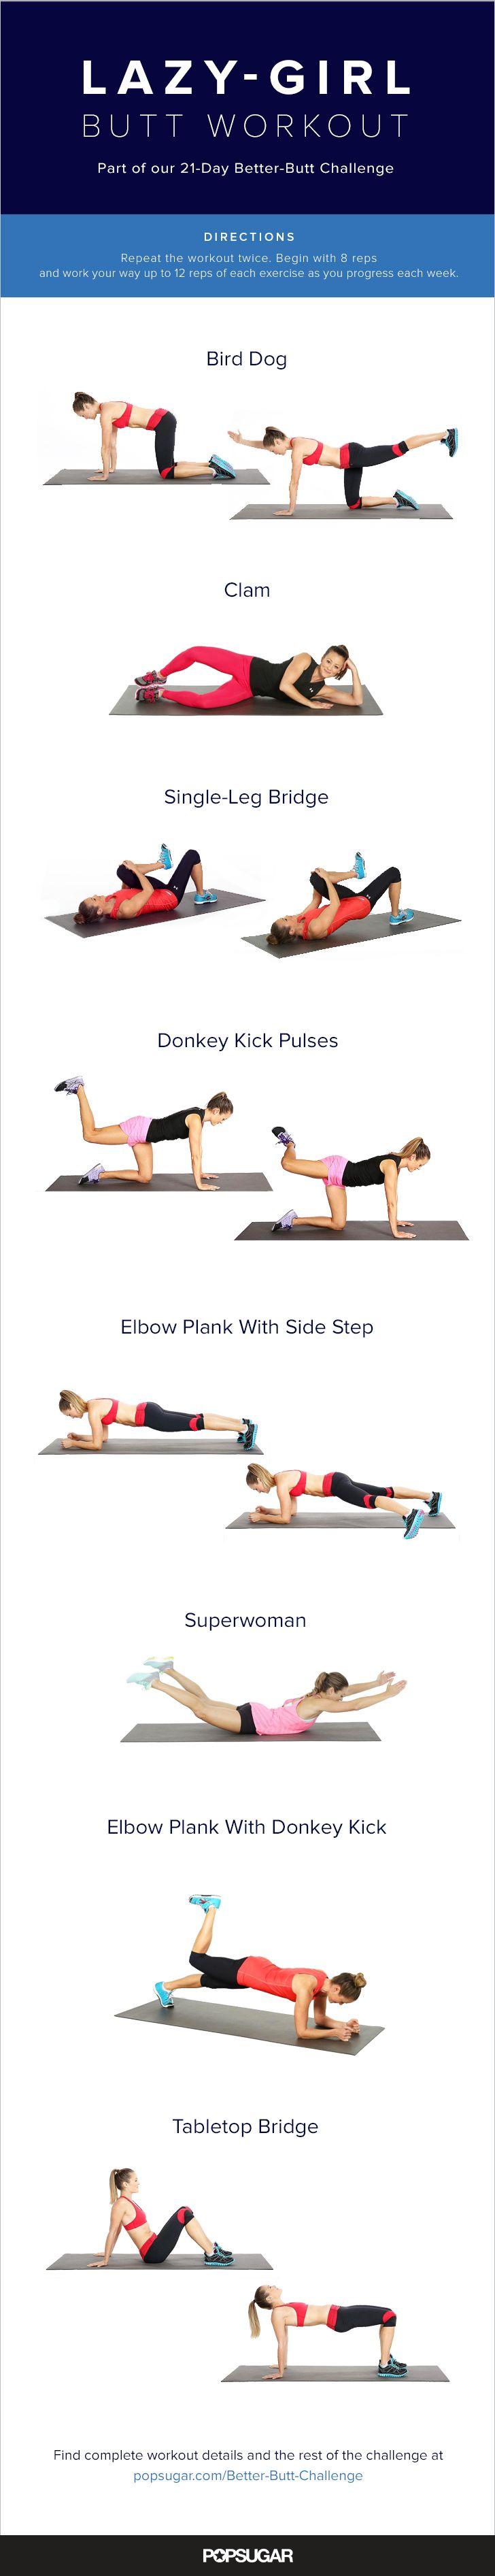 lazy girl workout plan pdf